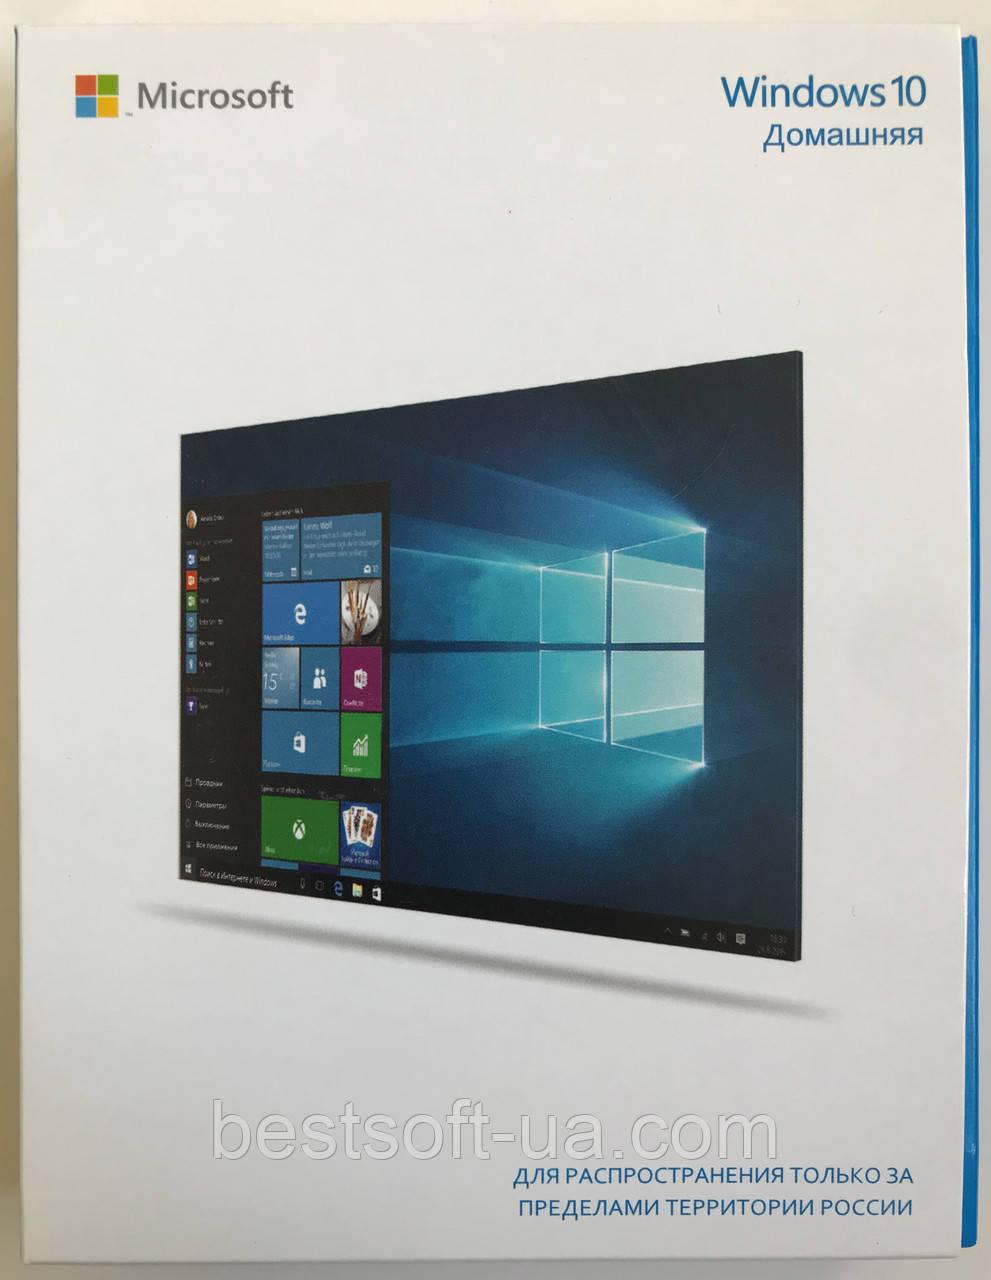 Операционная система Windows 10 Домашняя 32/64-bit на 1ПК (KW9-00254) вскрытая упаковка, фото 1